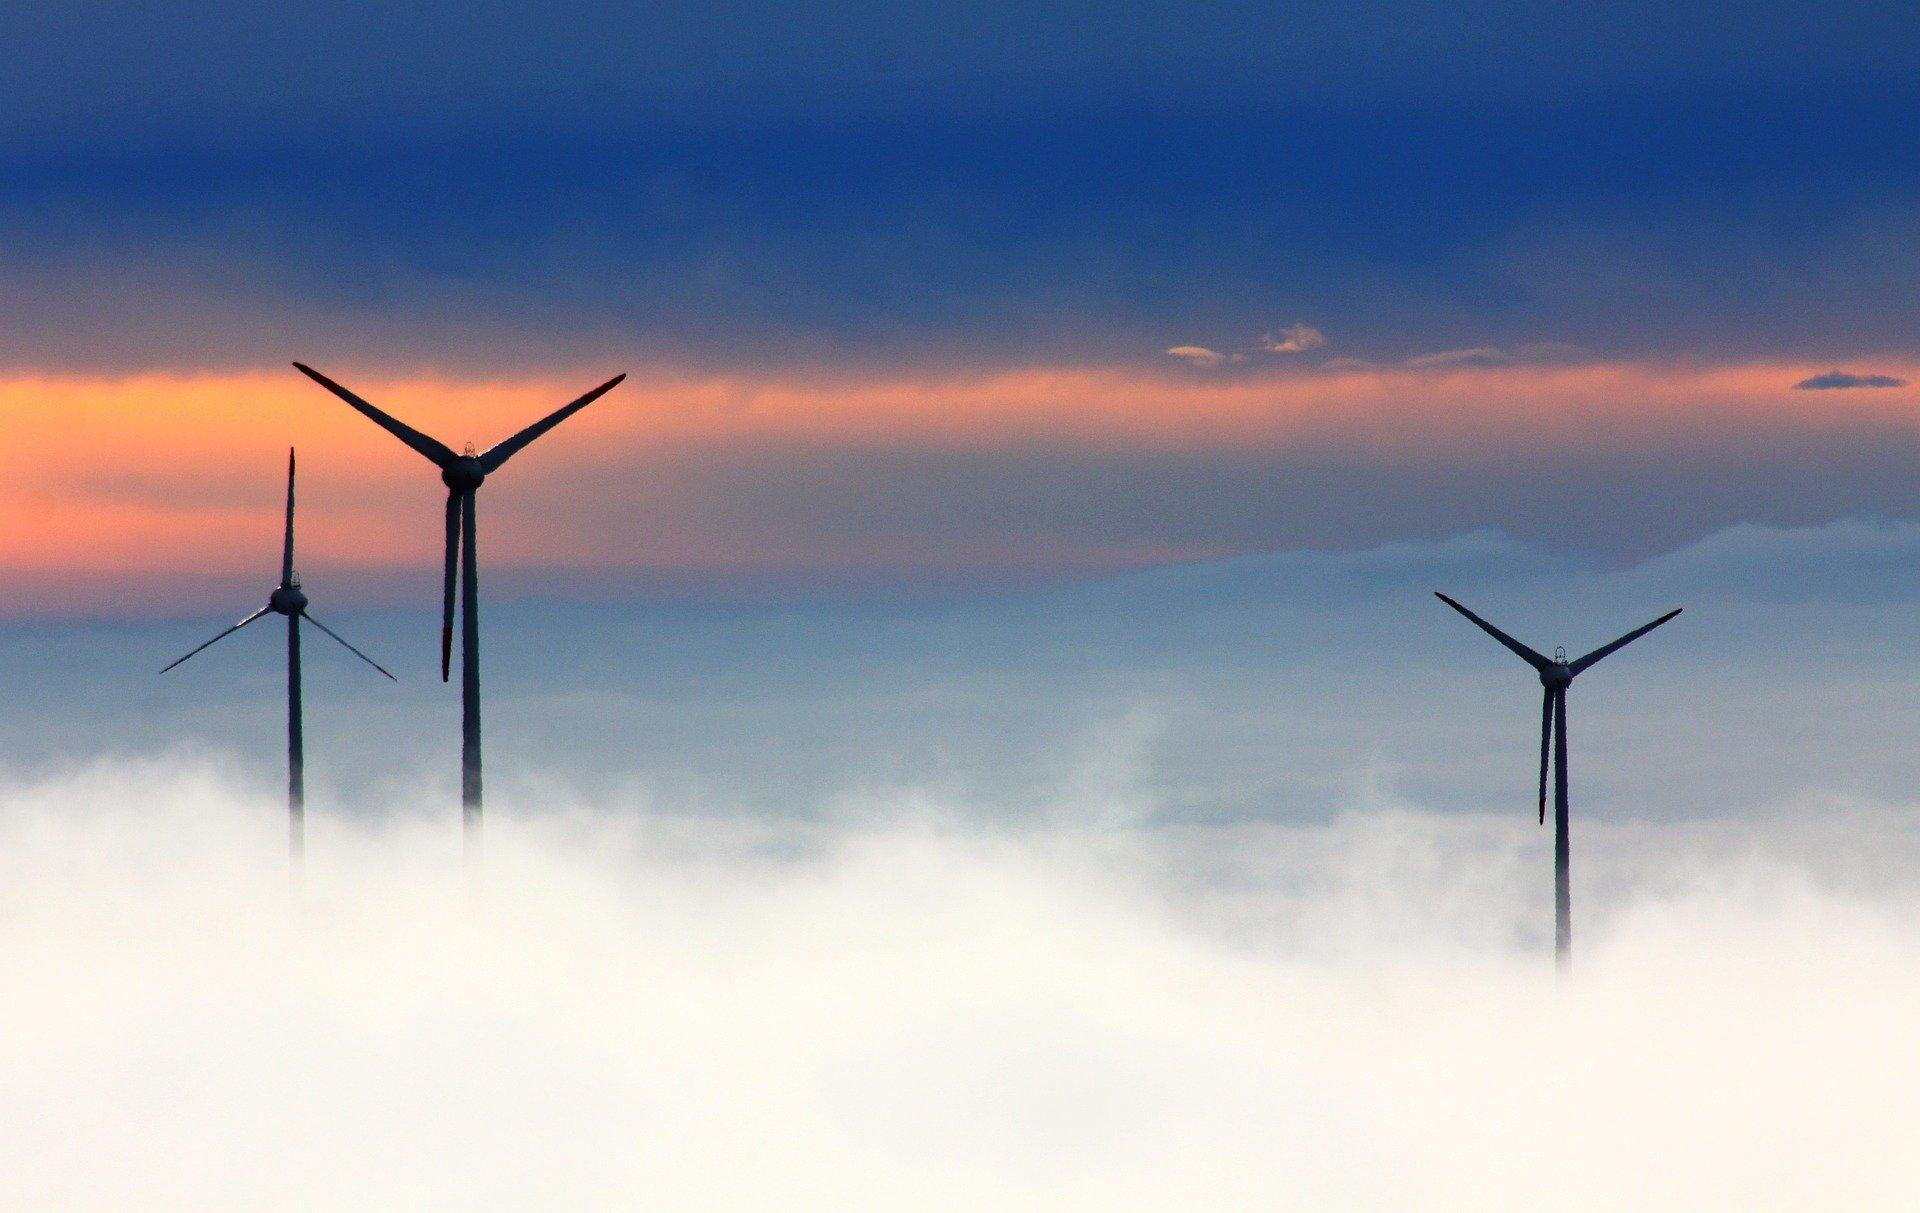 Россия отстает в развитии возобновляемых источников энергии